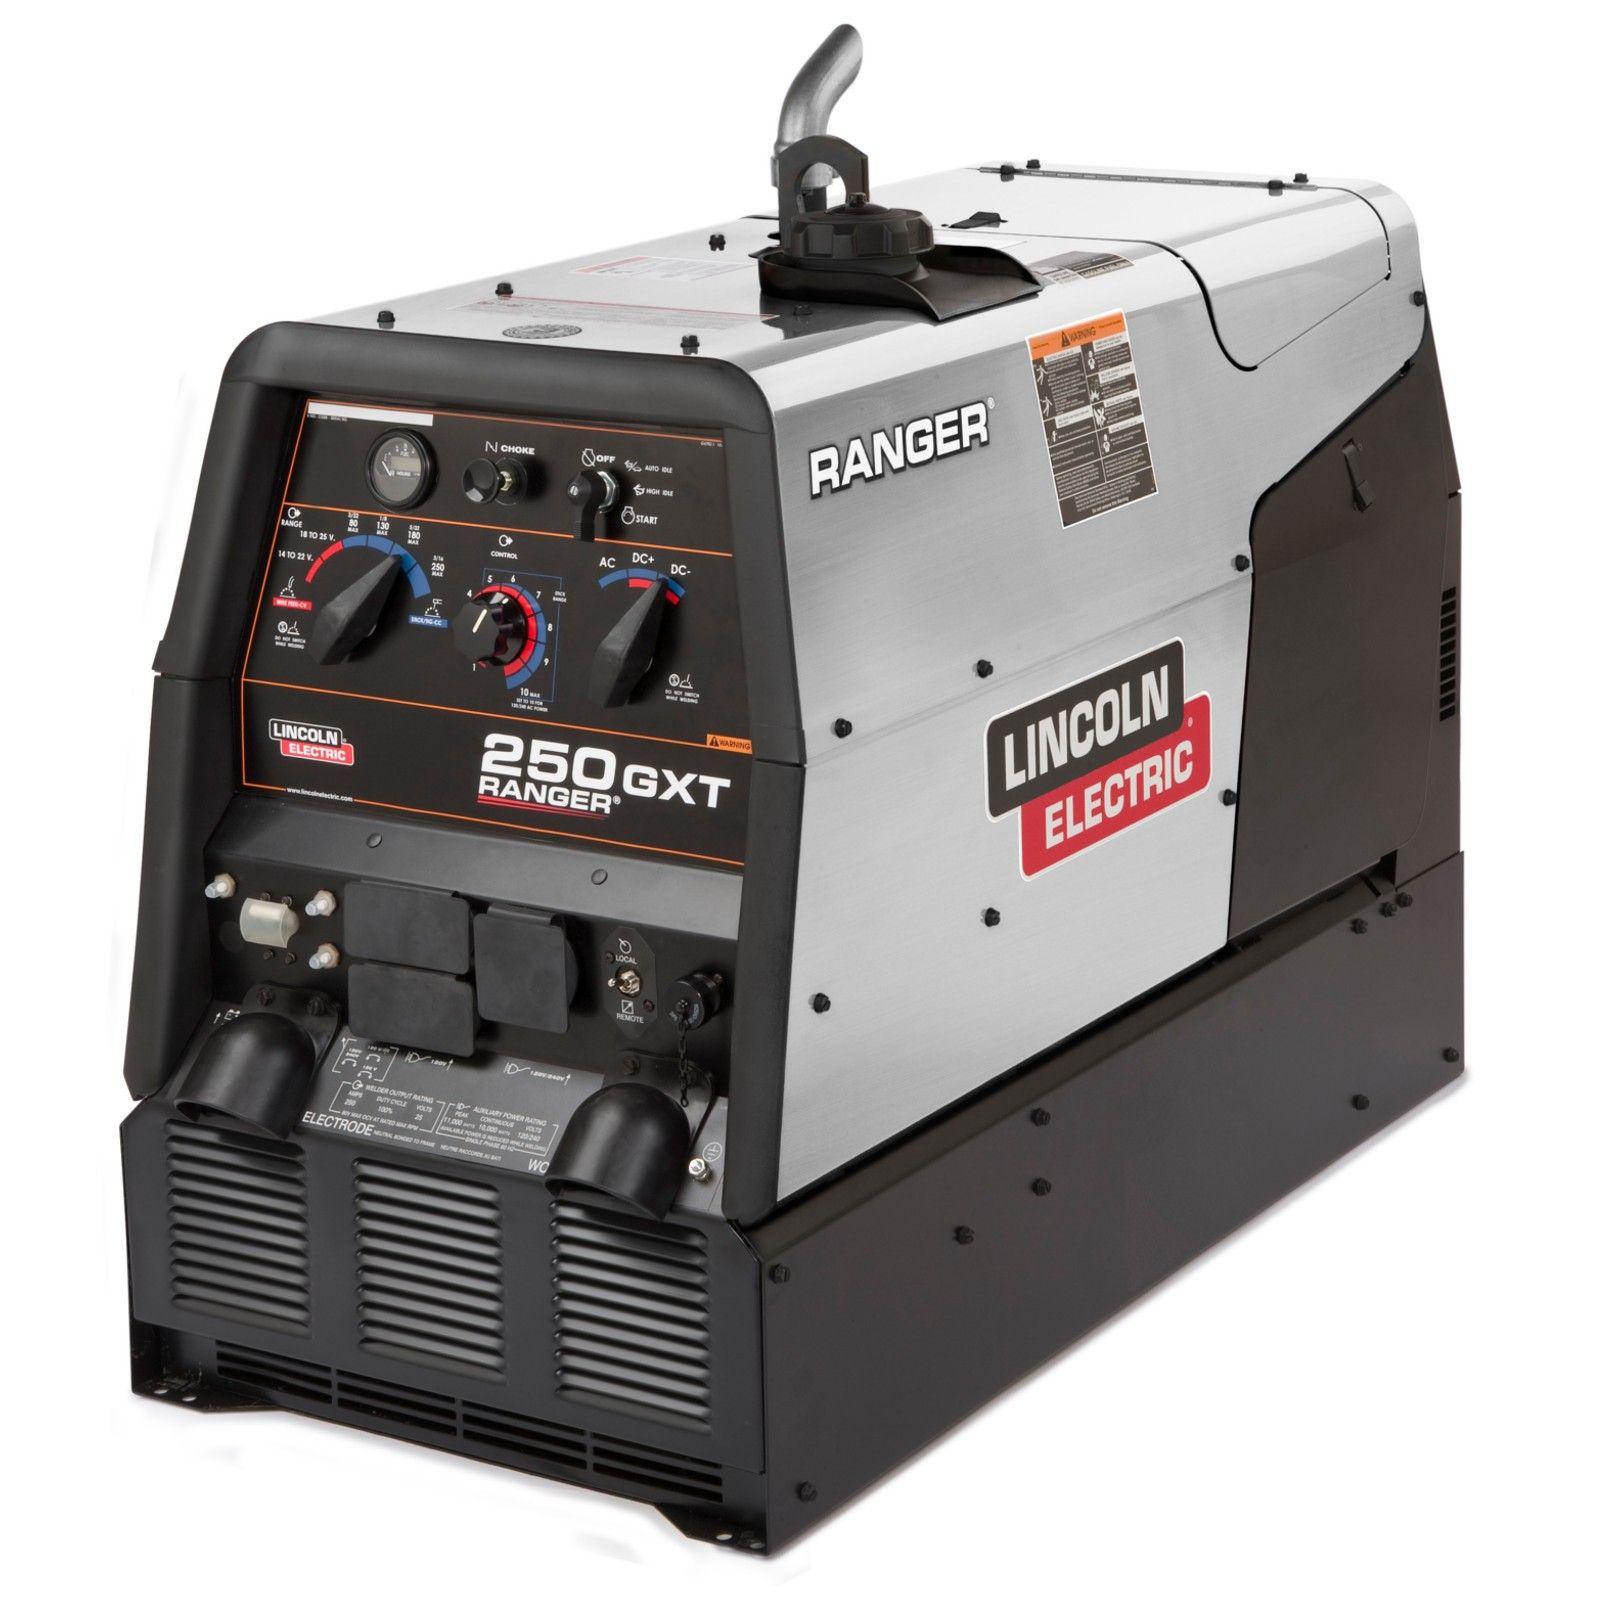 Lincoln Ranger 250 GXT Welder/Generator w/ Stainless Steel (K2382-5